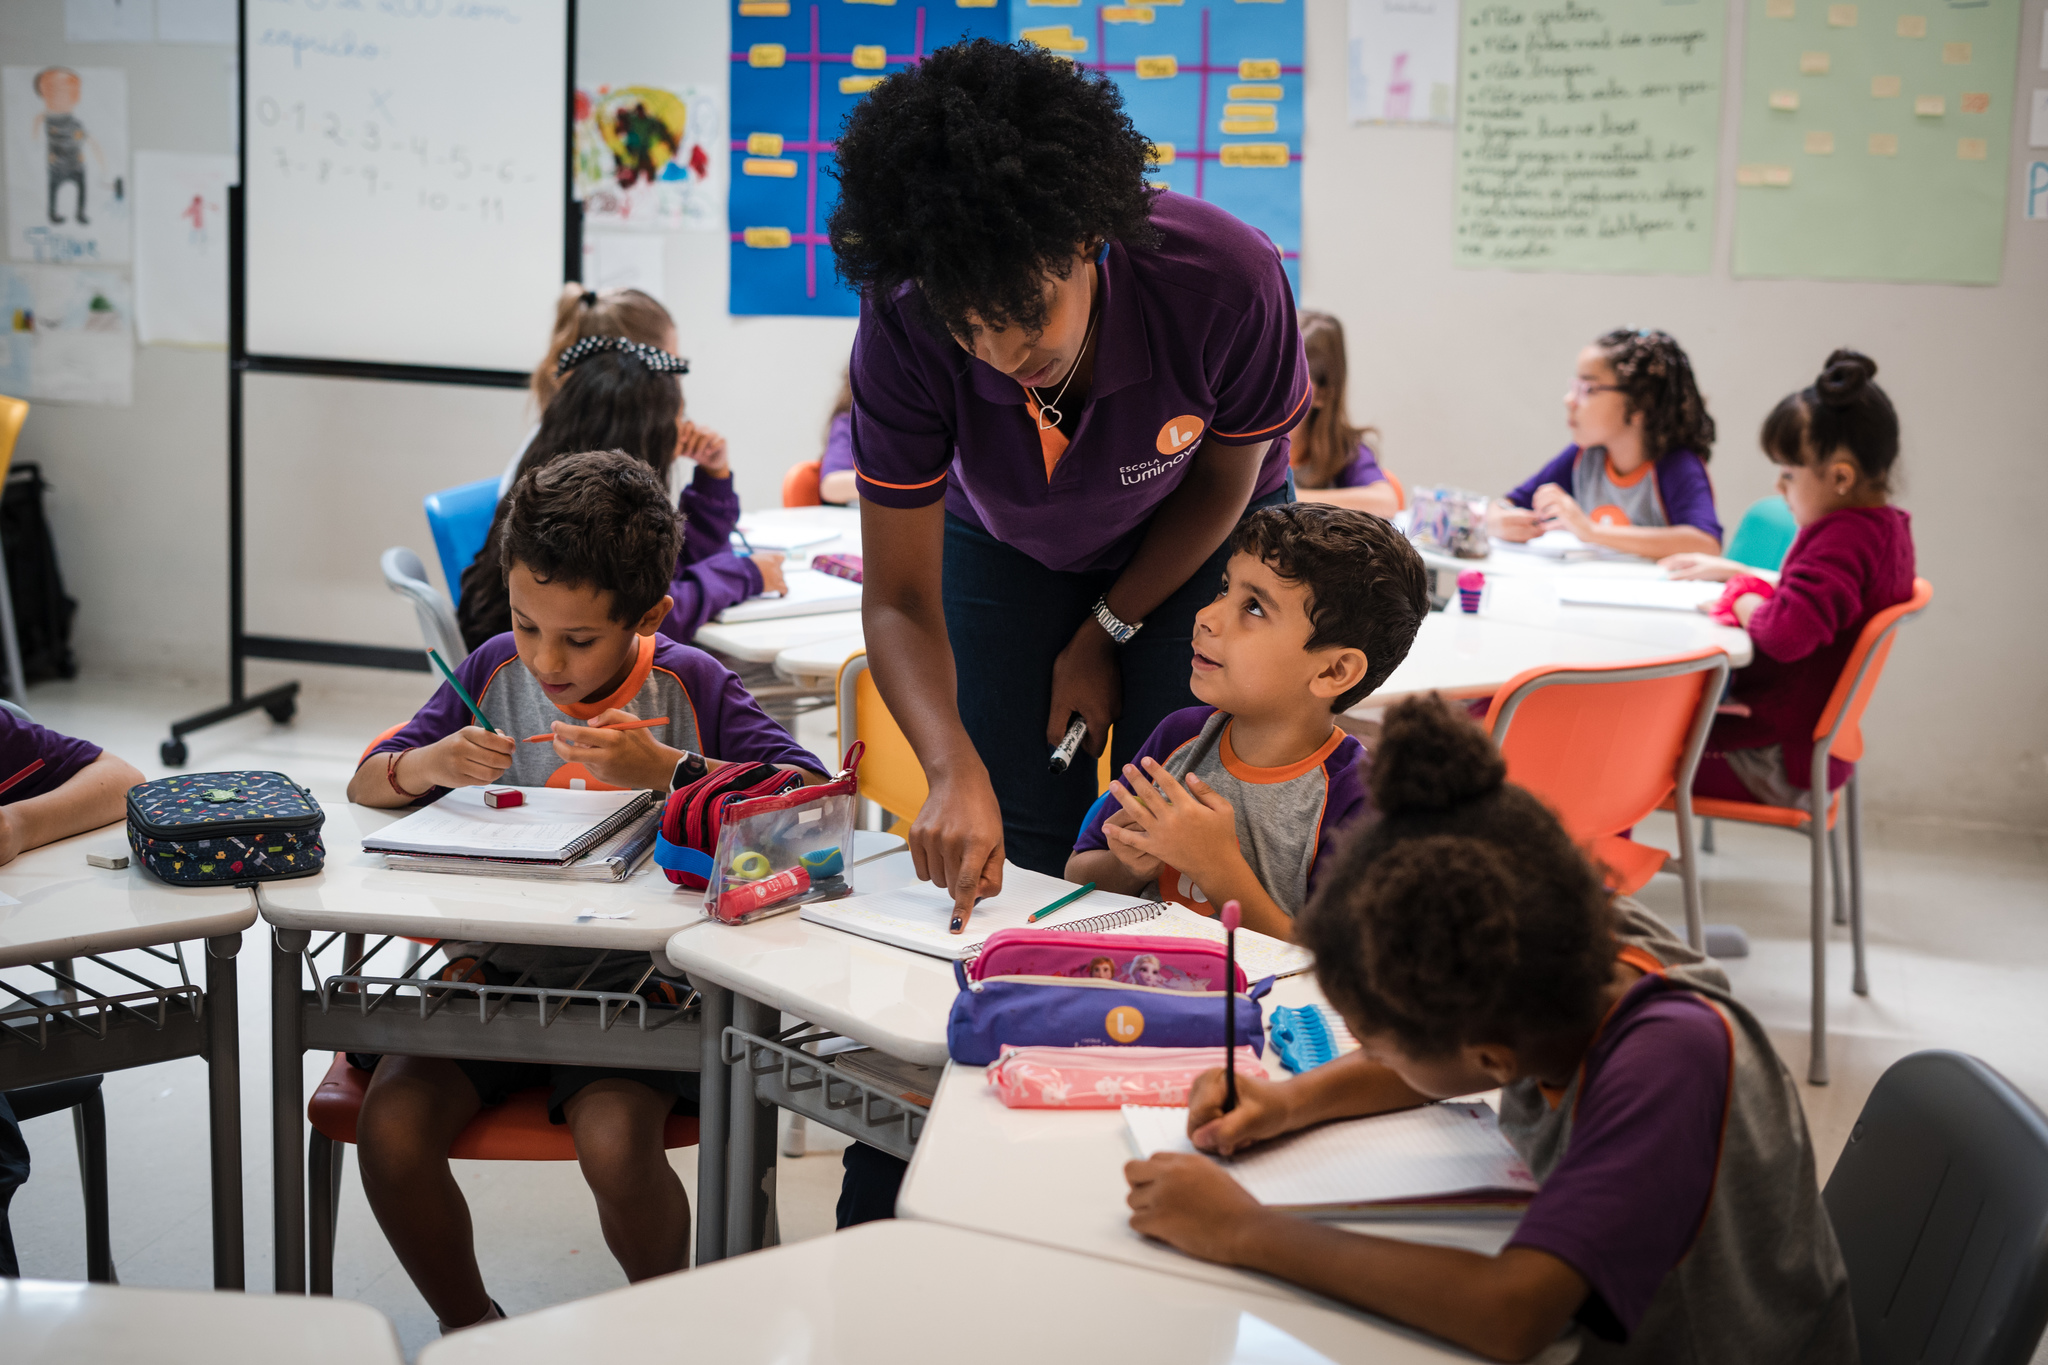 Dentro e fora da sala de aula, todos devem combater o racismo